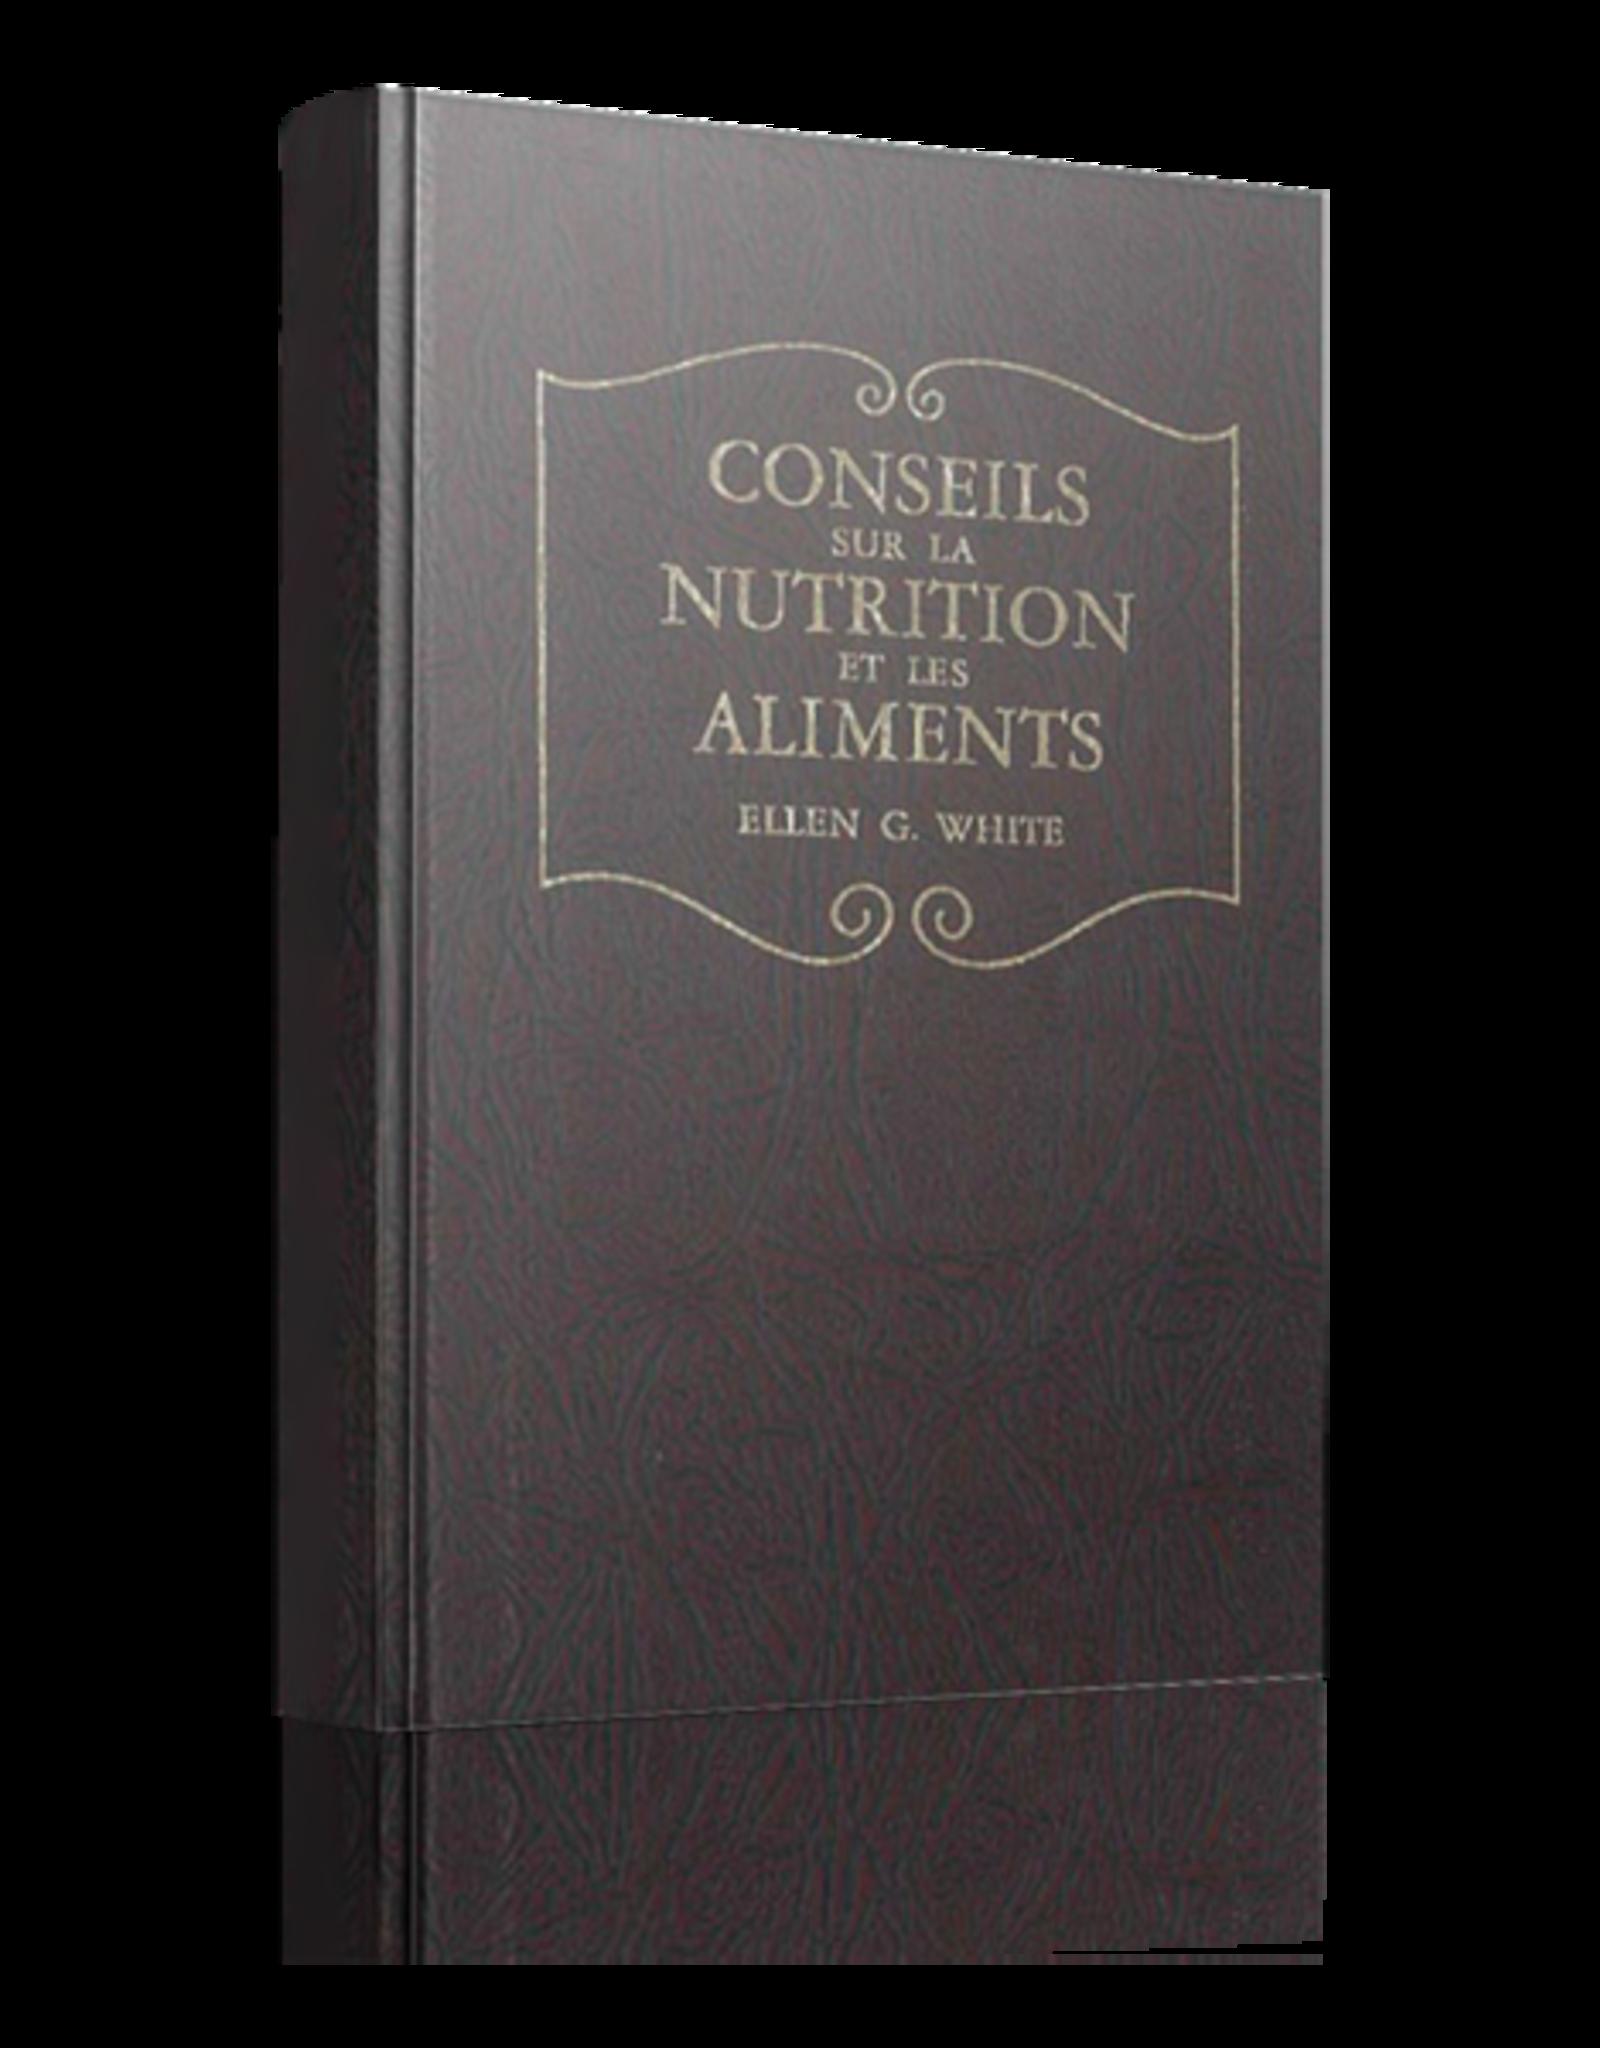 Ellen G.White Conseils sur la nutrition et les aliments